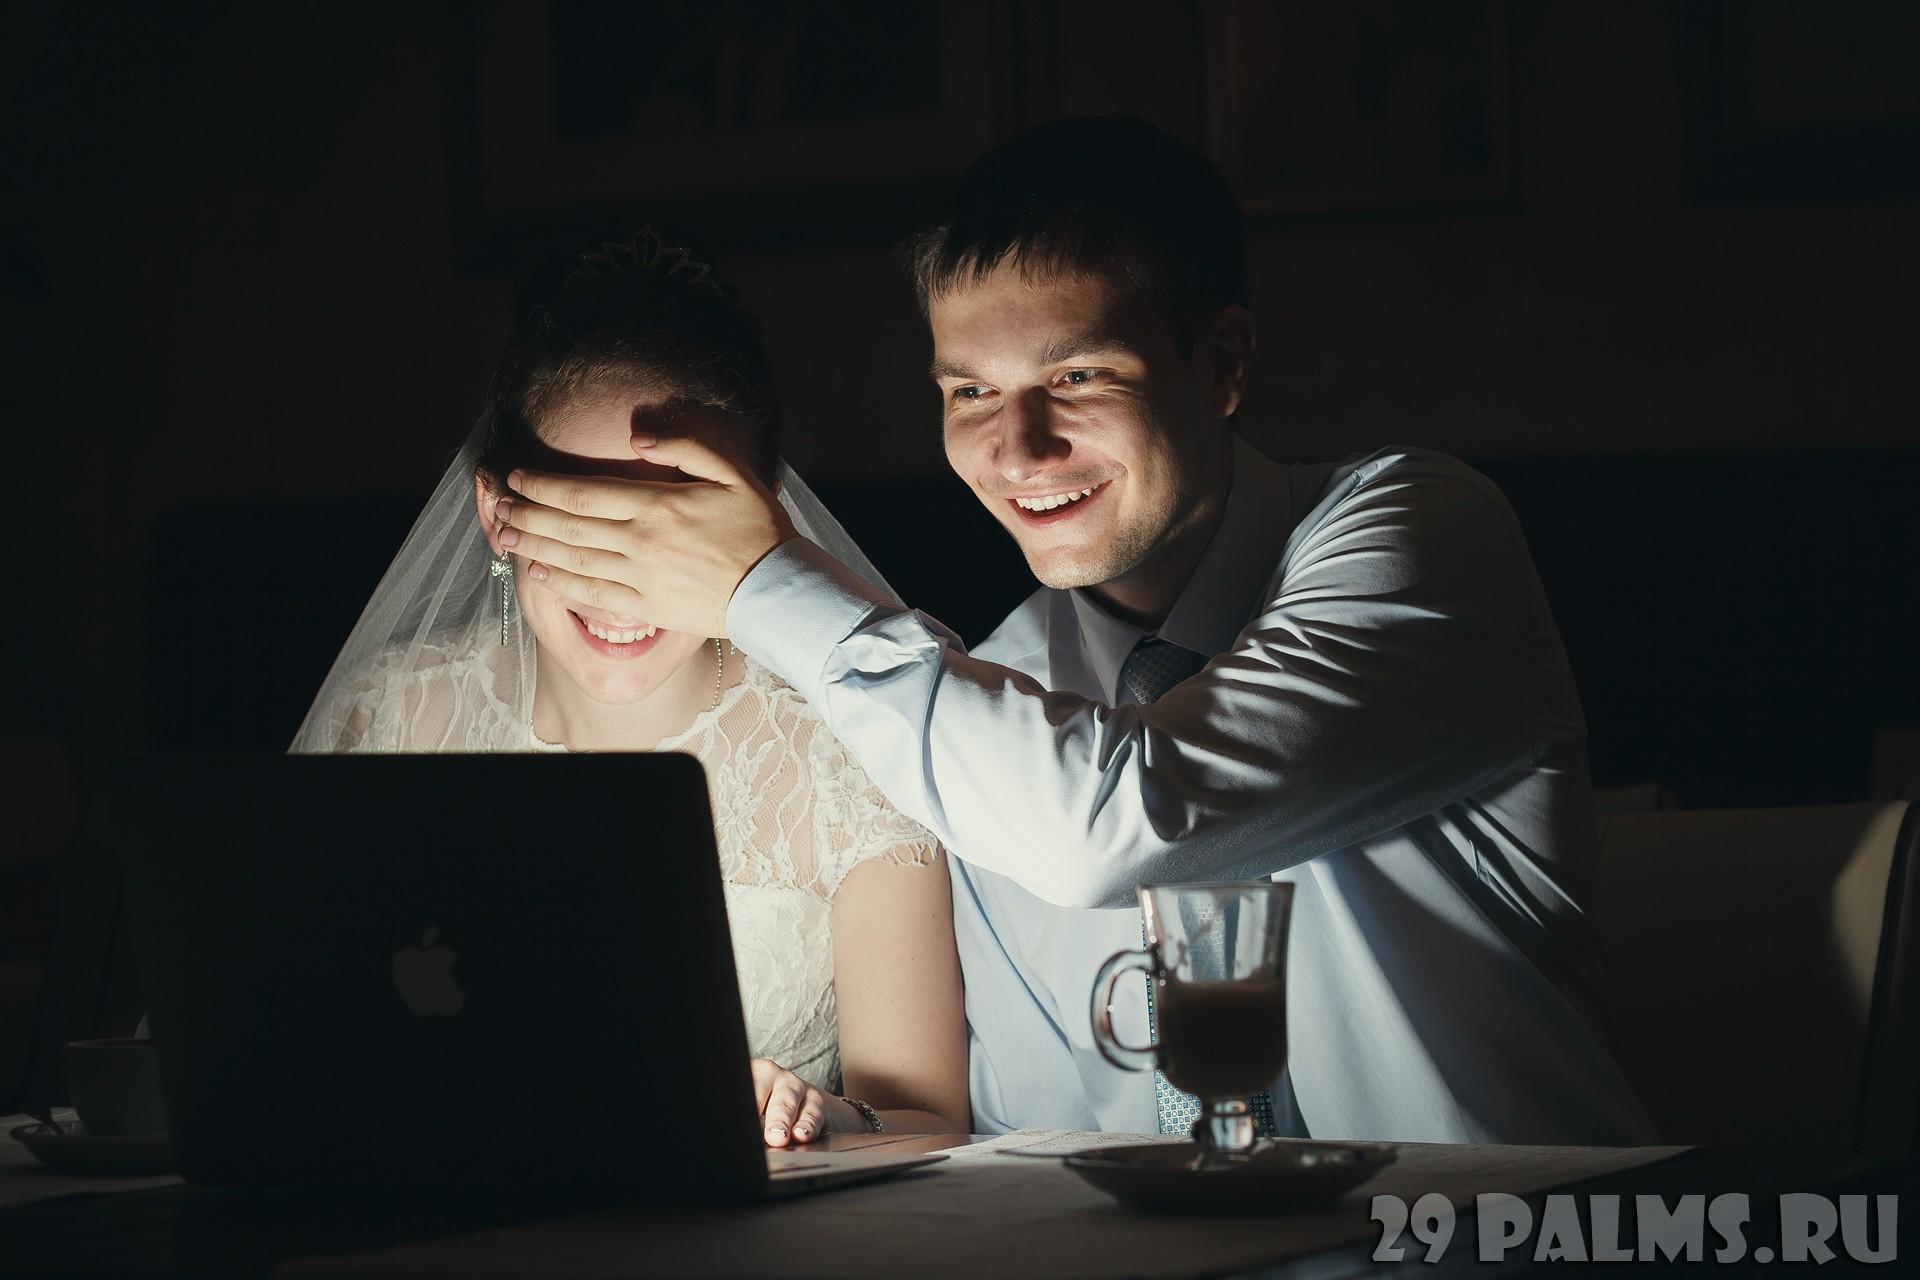 Фото брачная ночь 18 12 фотография